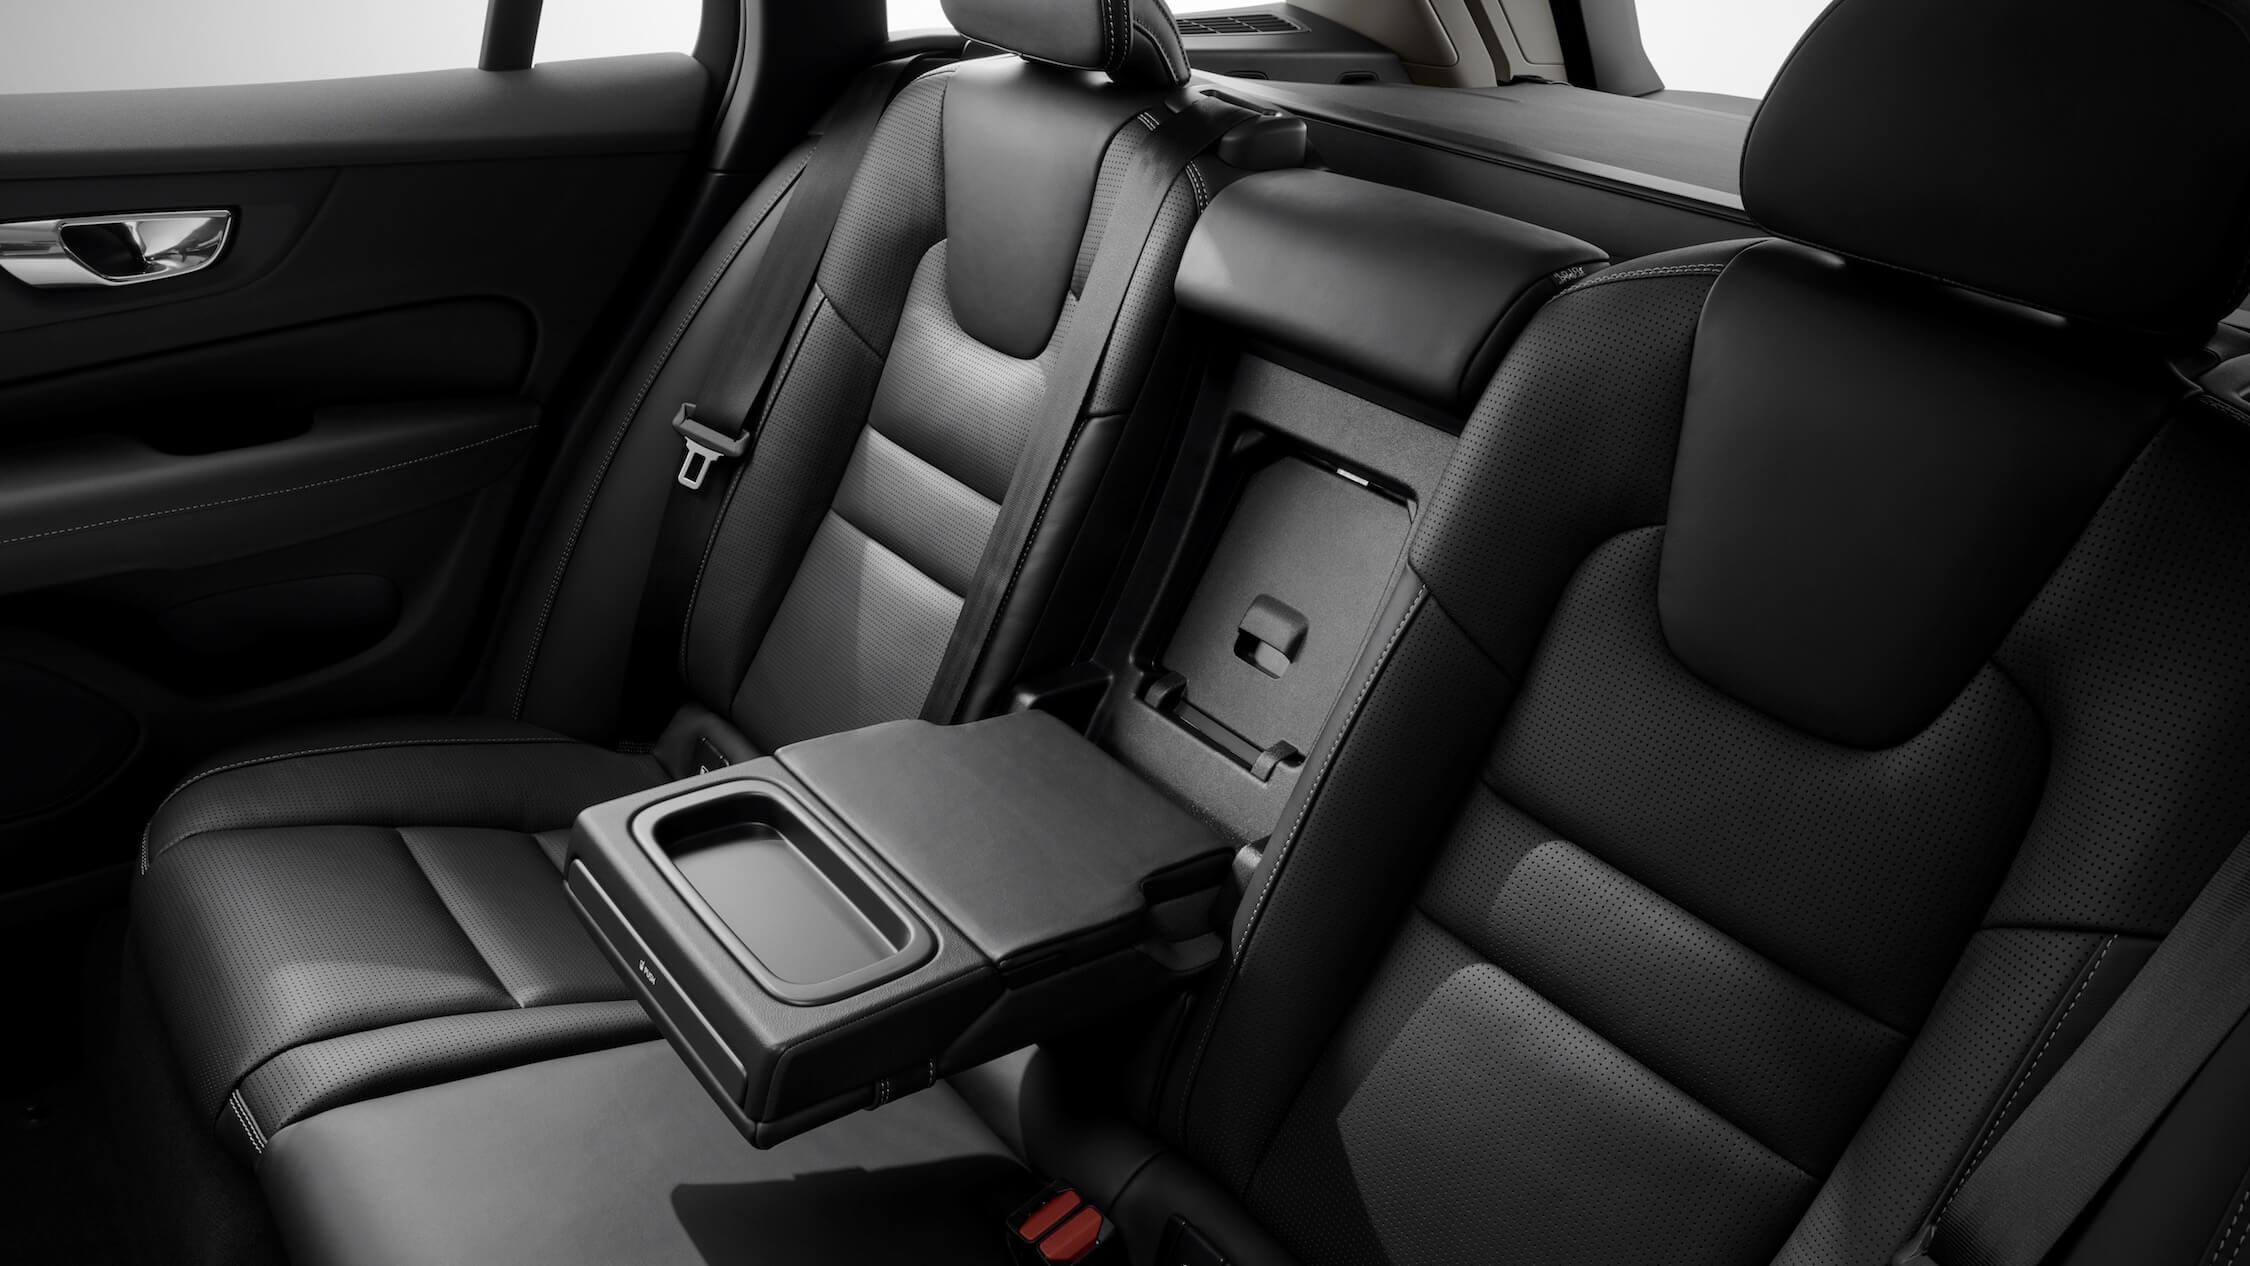 Volvo V60 banco traseiro